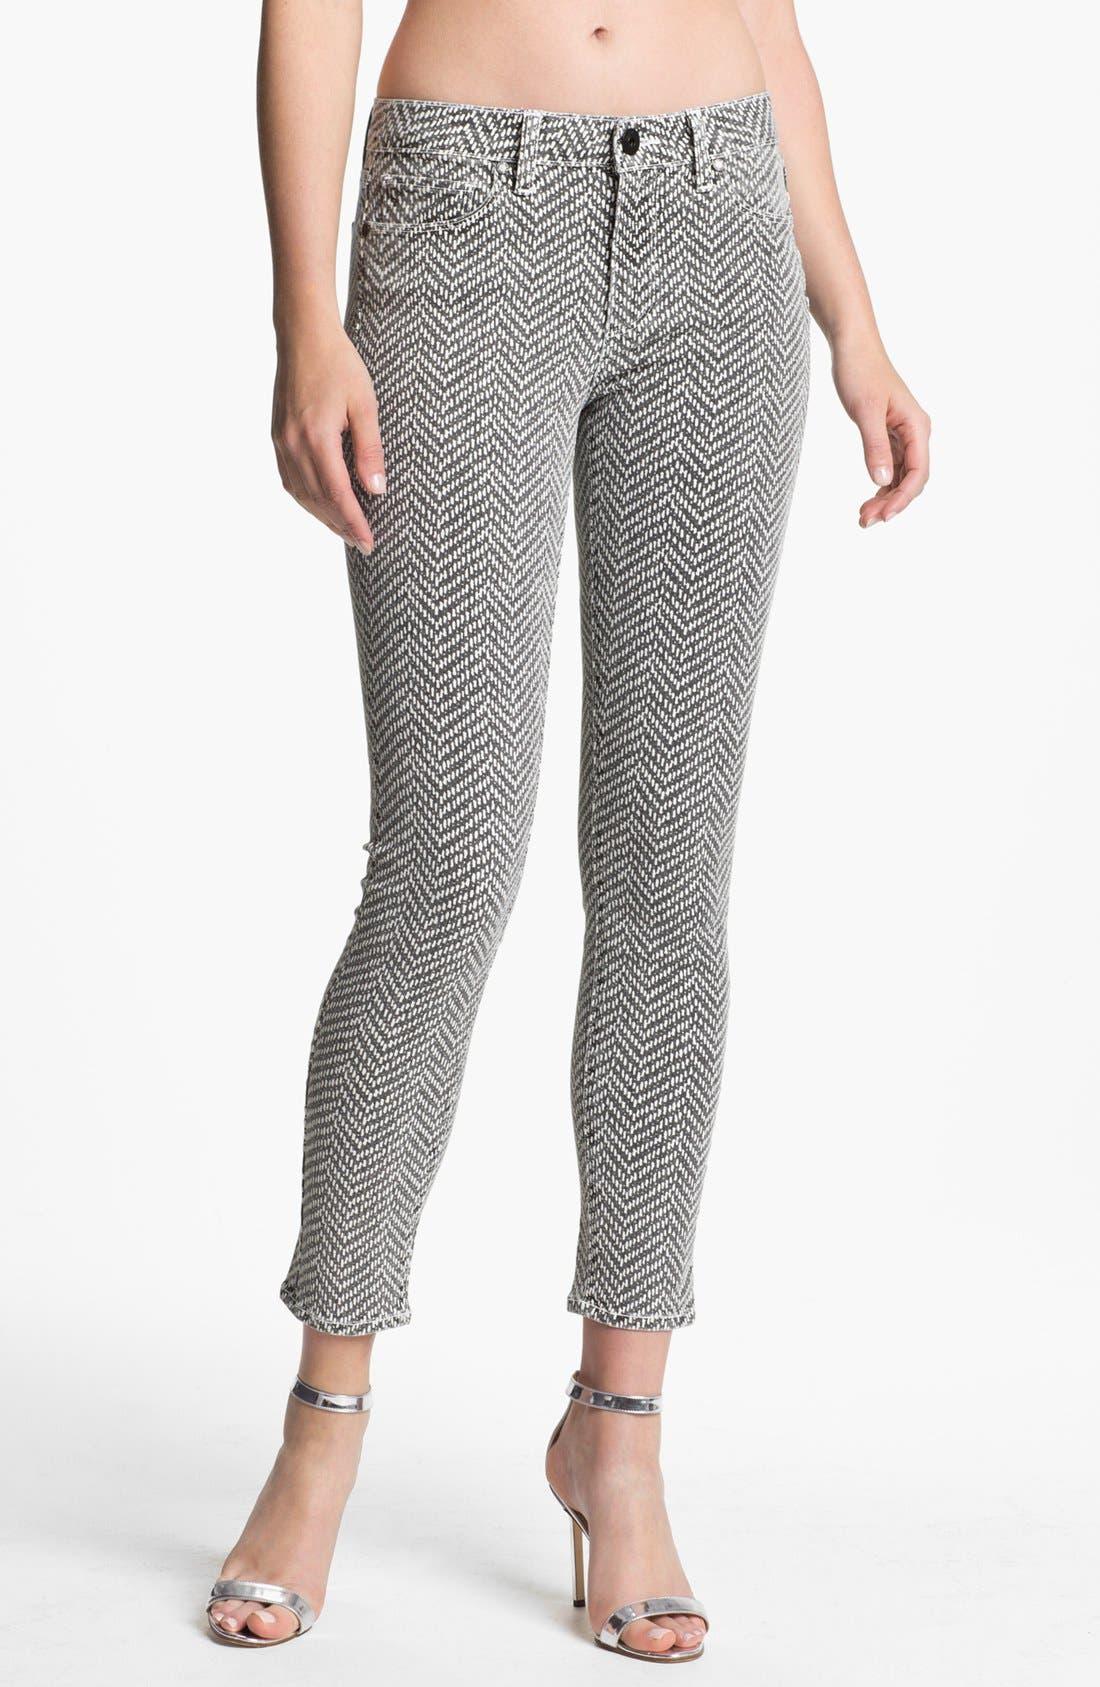 Main Image - Paige Denim 'Hoxton' Ankle Jeans (White/Black)